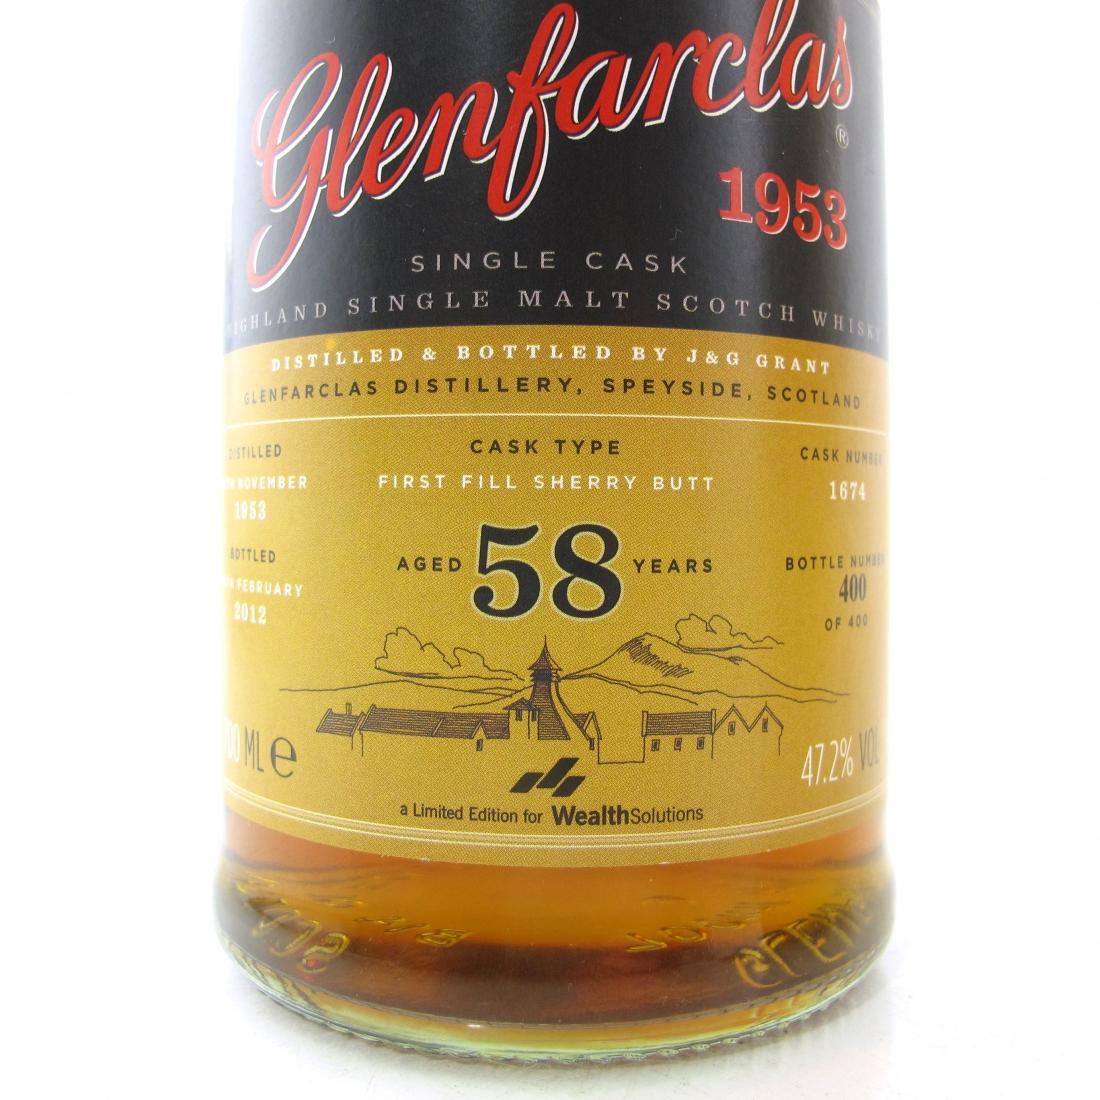 Glenfarclas 1953 Single Cask 58 Year Old Wealth Solutions / Bottle #400 of 400